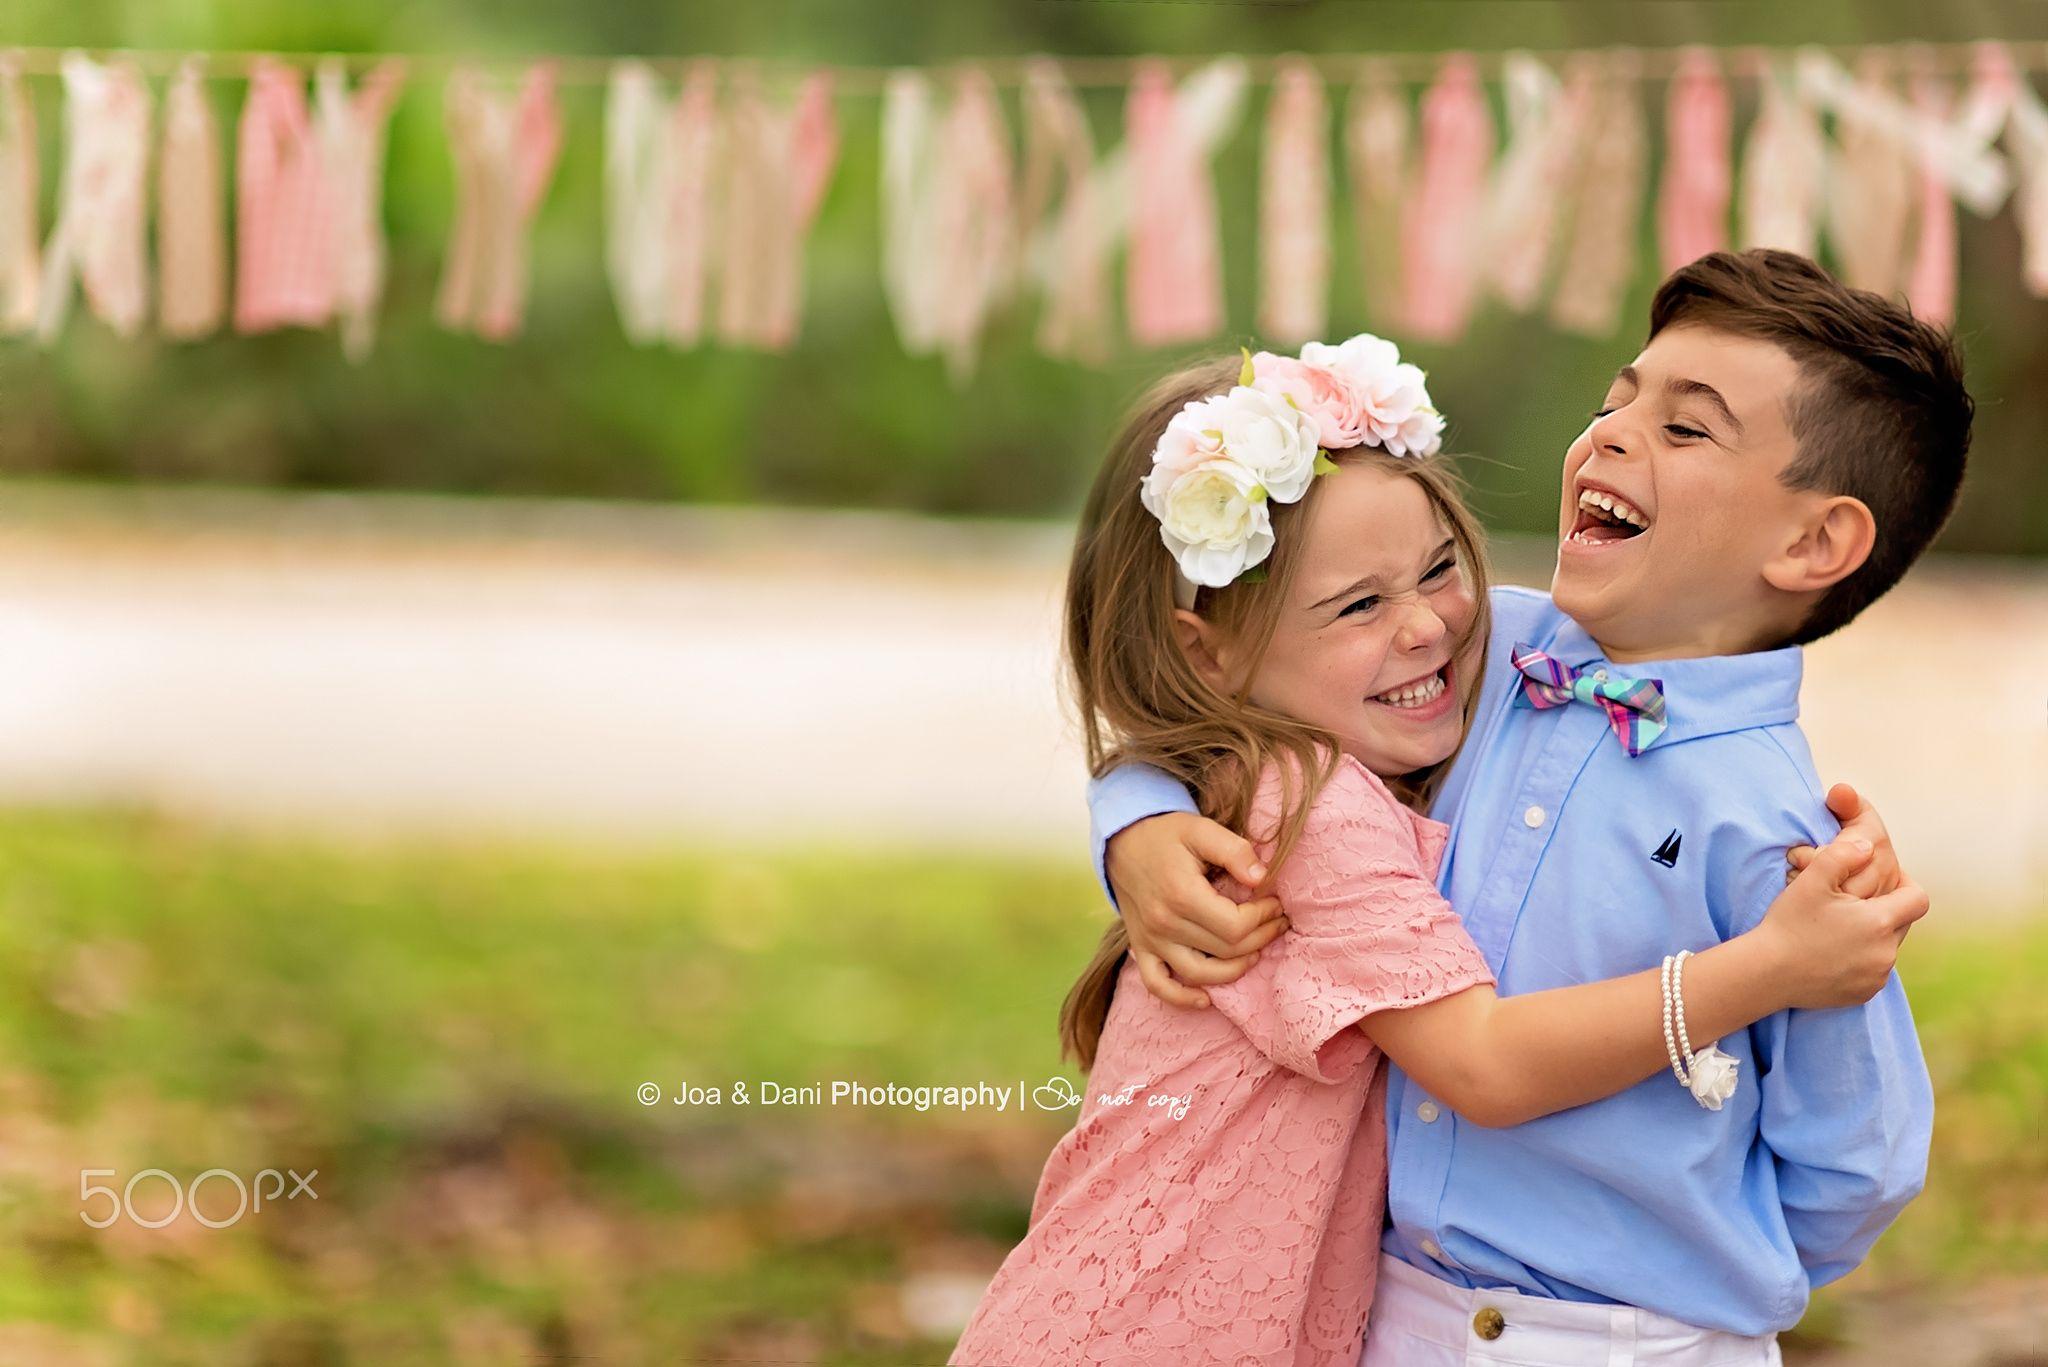 Siblings Love Flower Girl Dresses Siblings Love